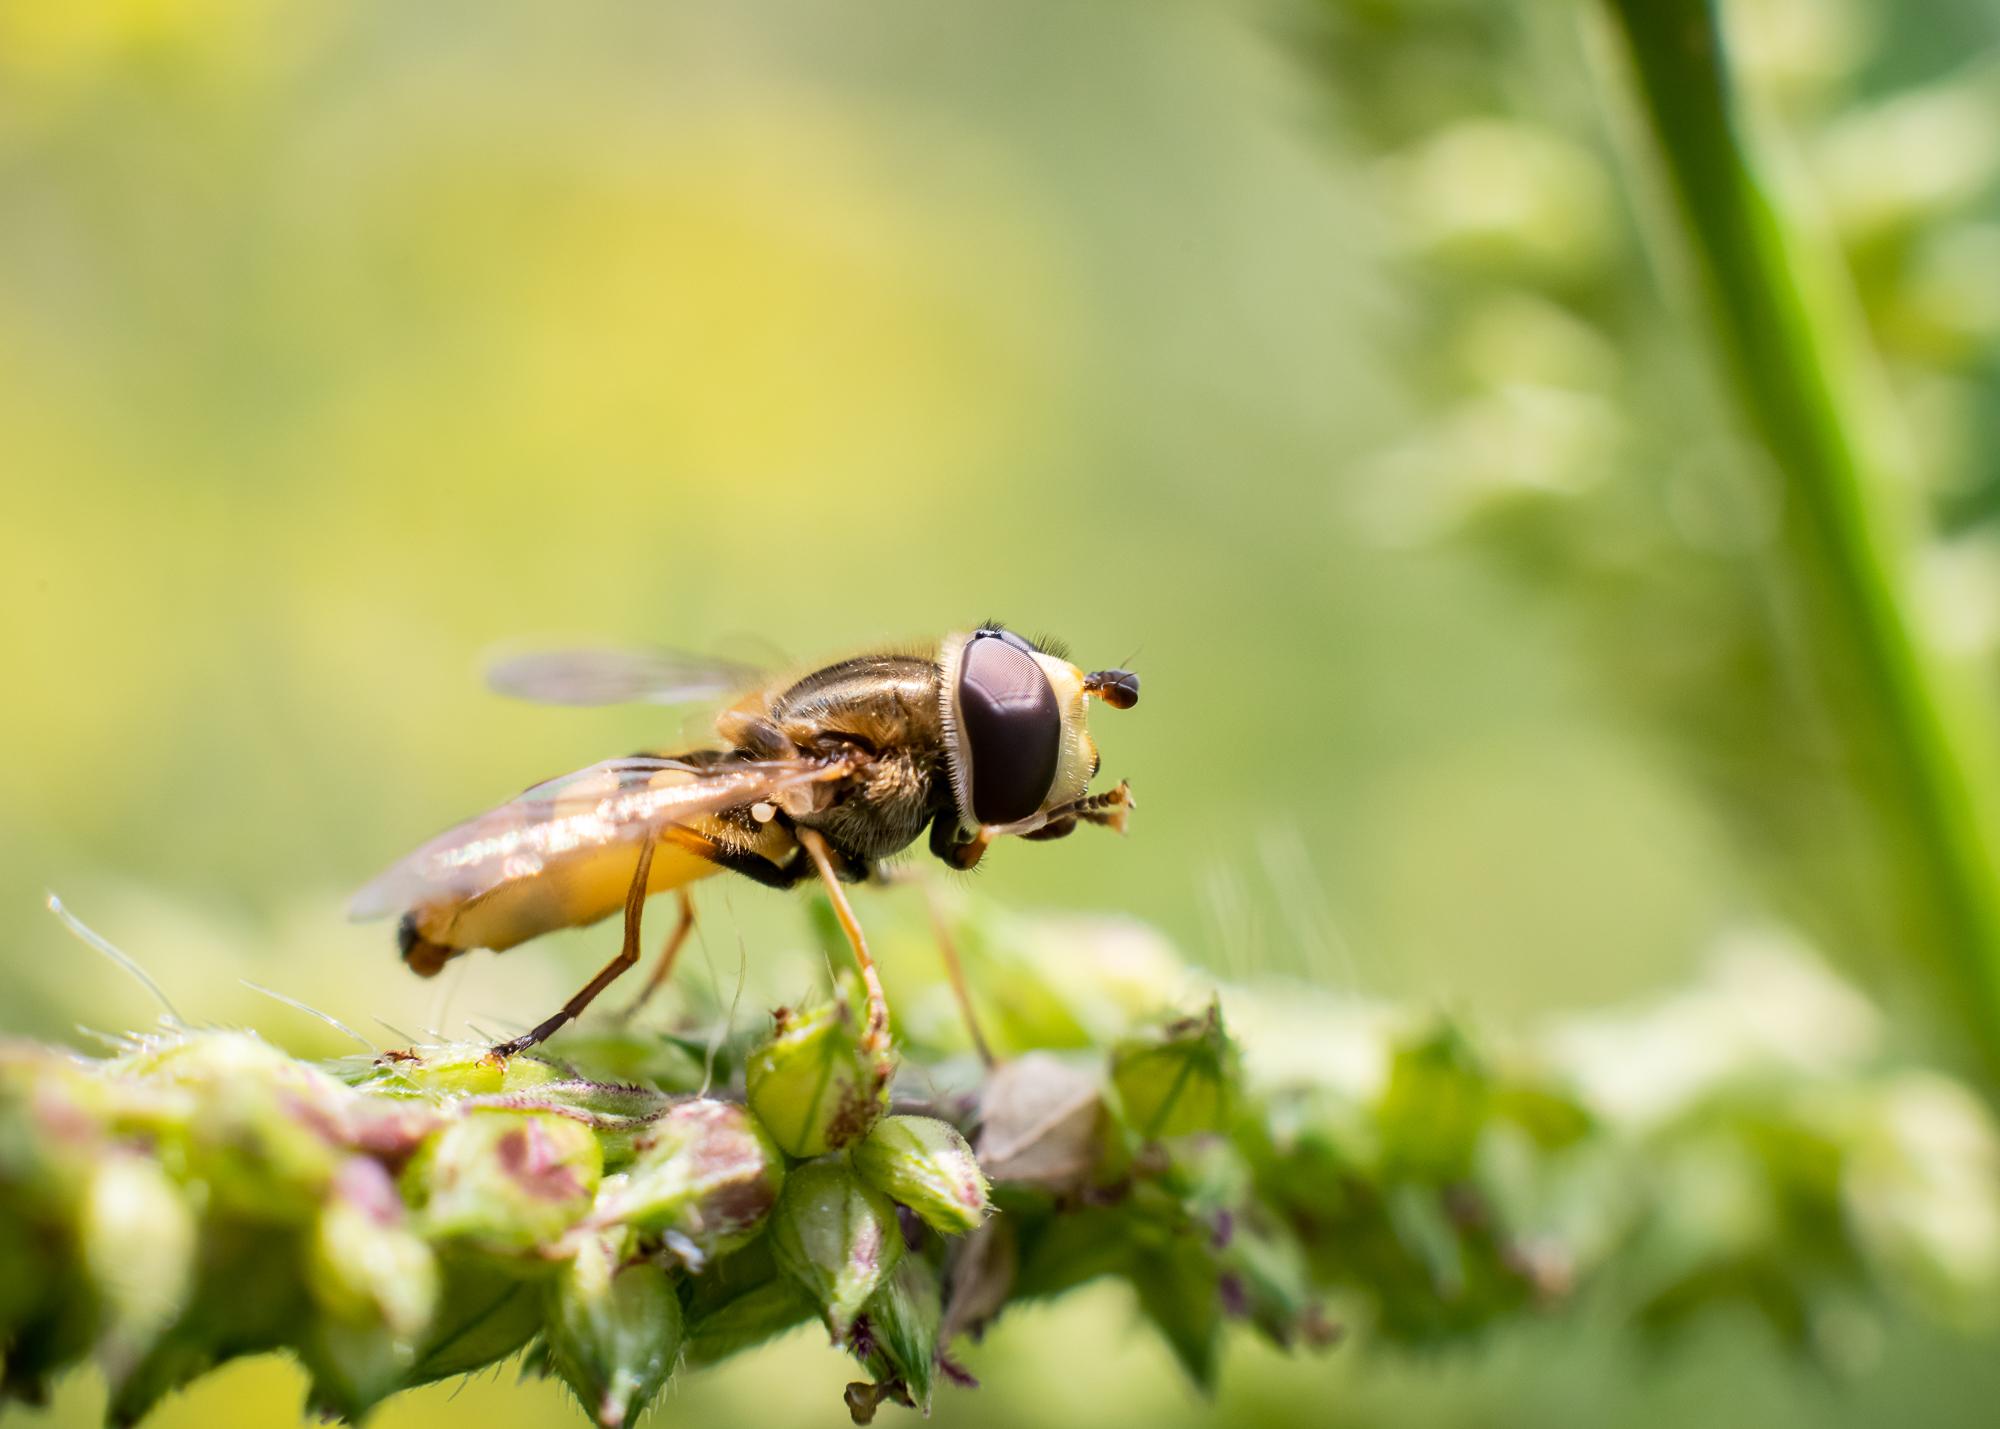 vergroting van 1,25 gemaakt met een 50mm lens met 55 mm aan tussenringen. Dit insect is zo'n 5 mm groot!